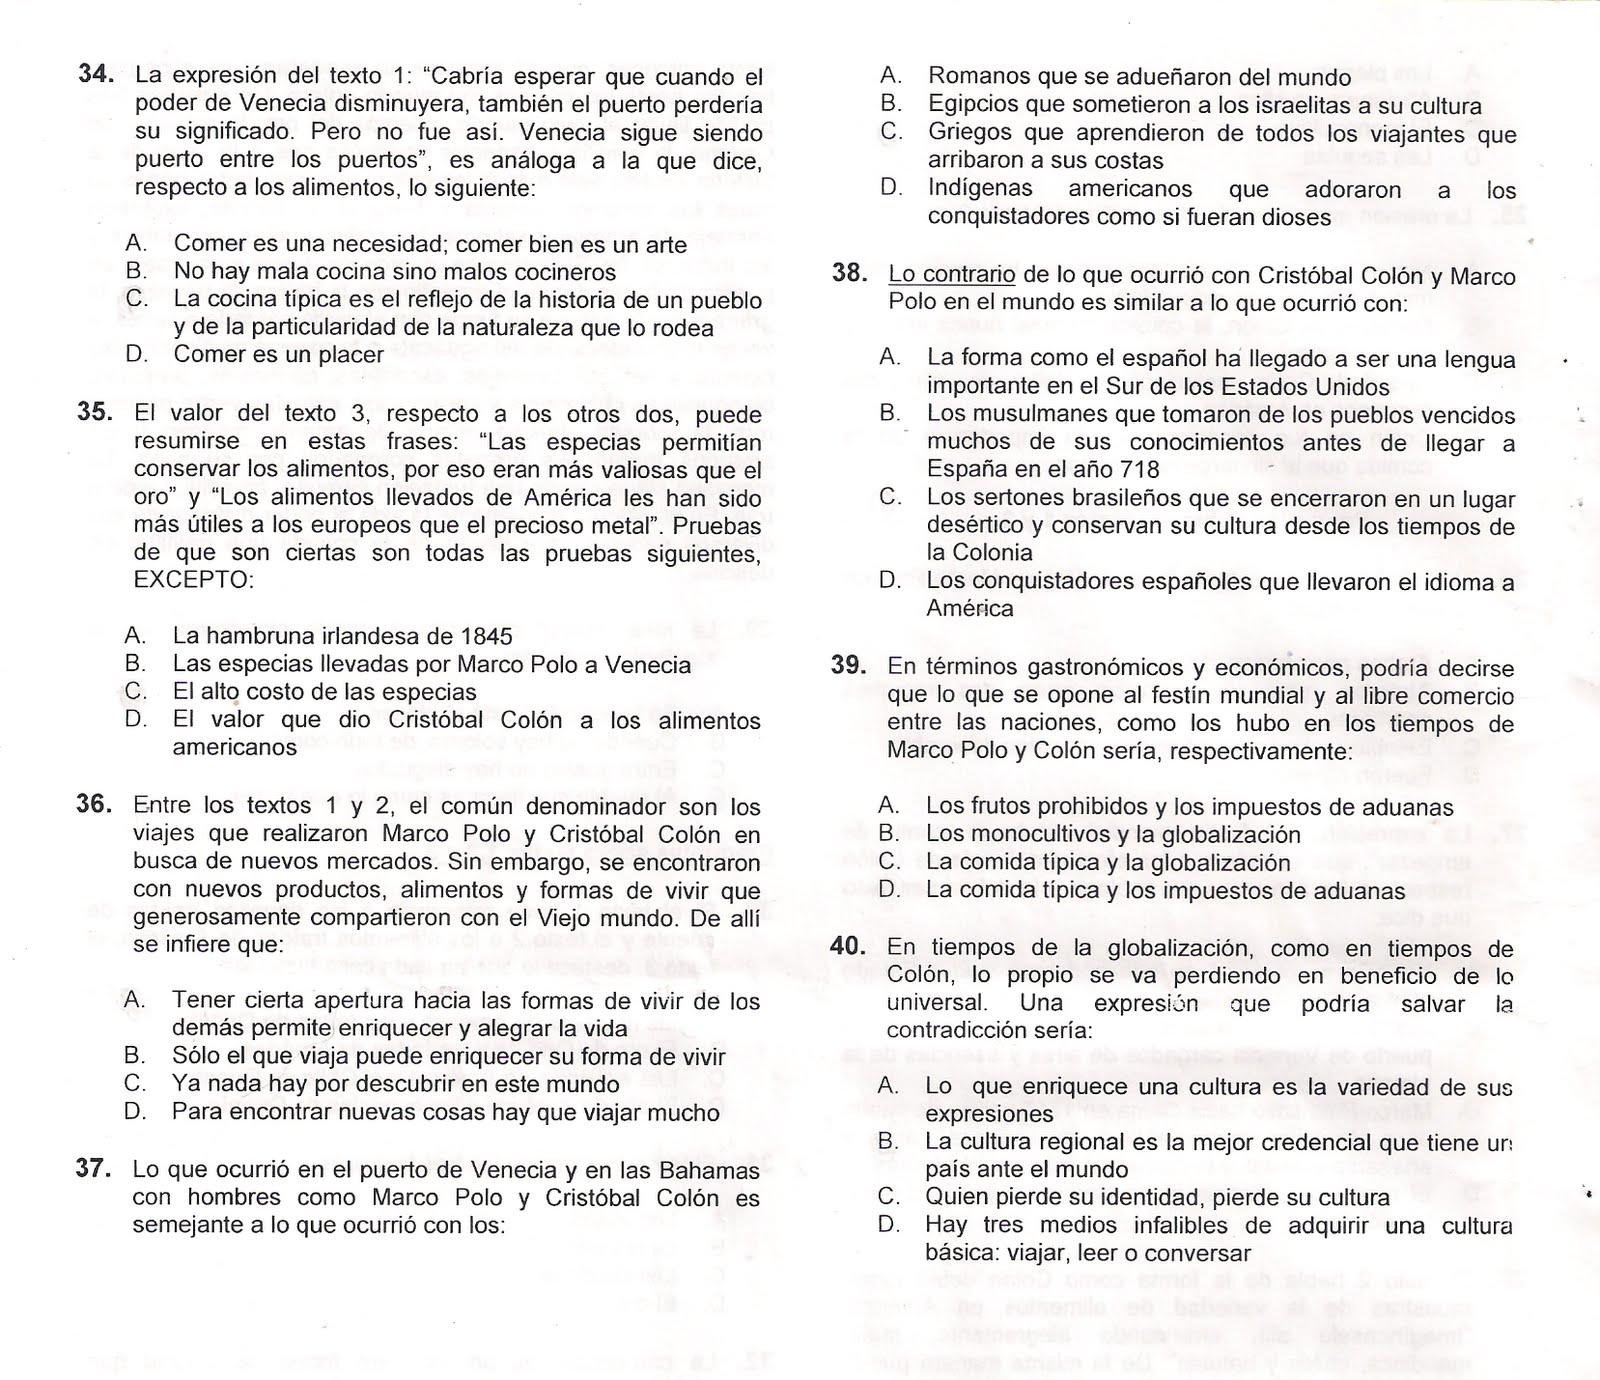 examen udea 2010 lunes pm hoja 11 | EL MUNDO DE LAS MATEMÁTICAS